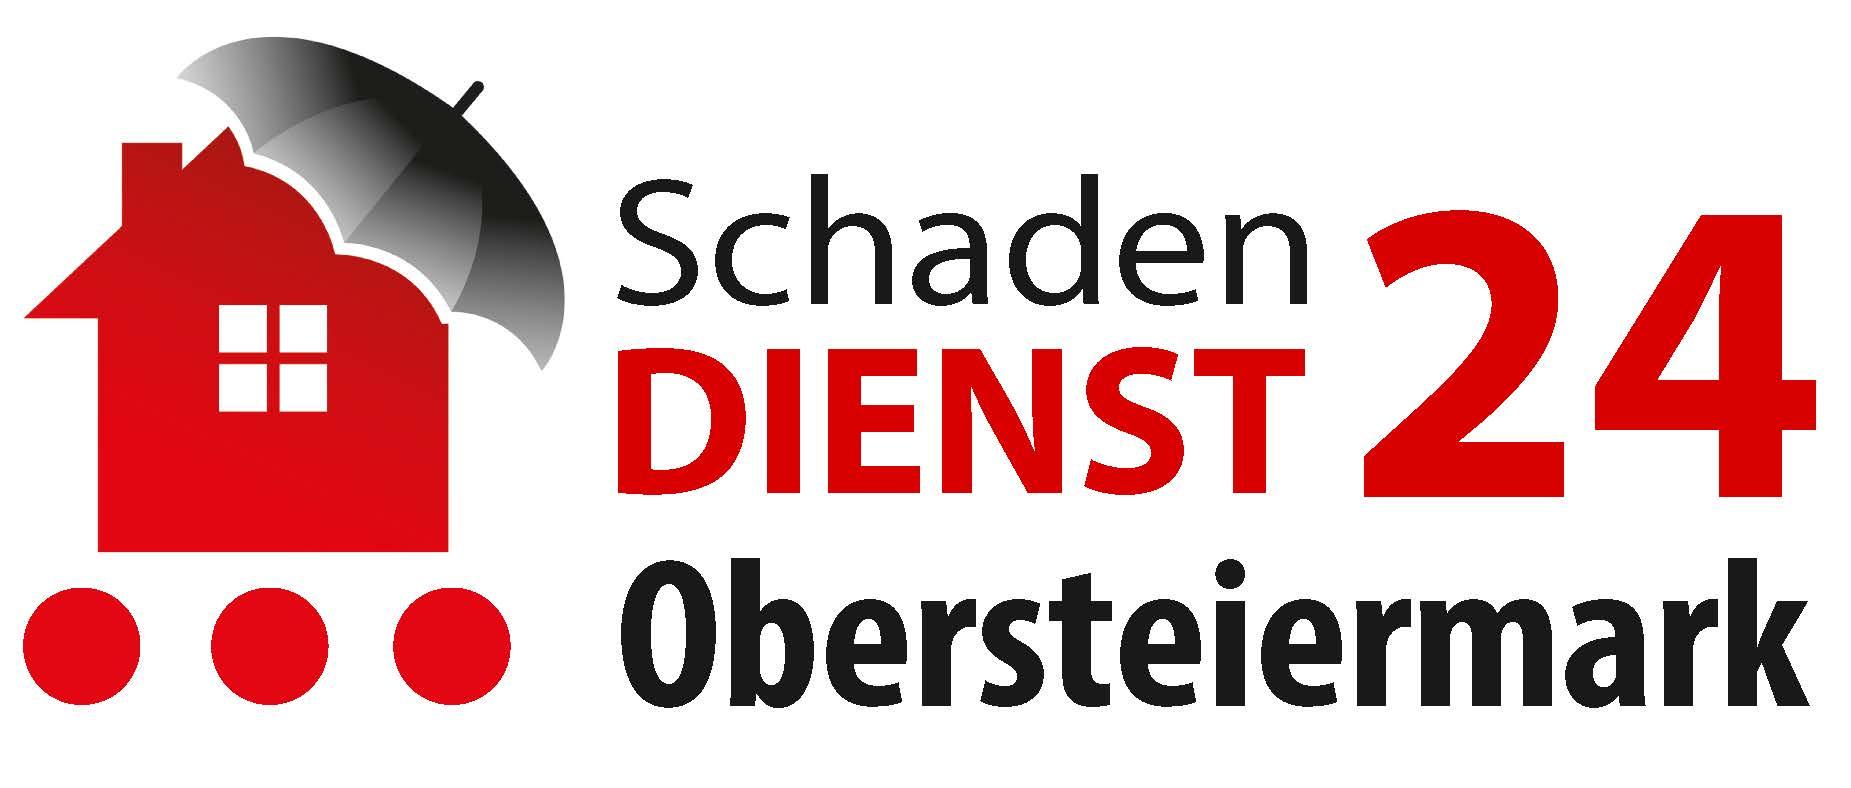 Schadendienst24 Obersteiermark Logo